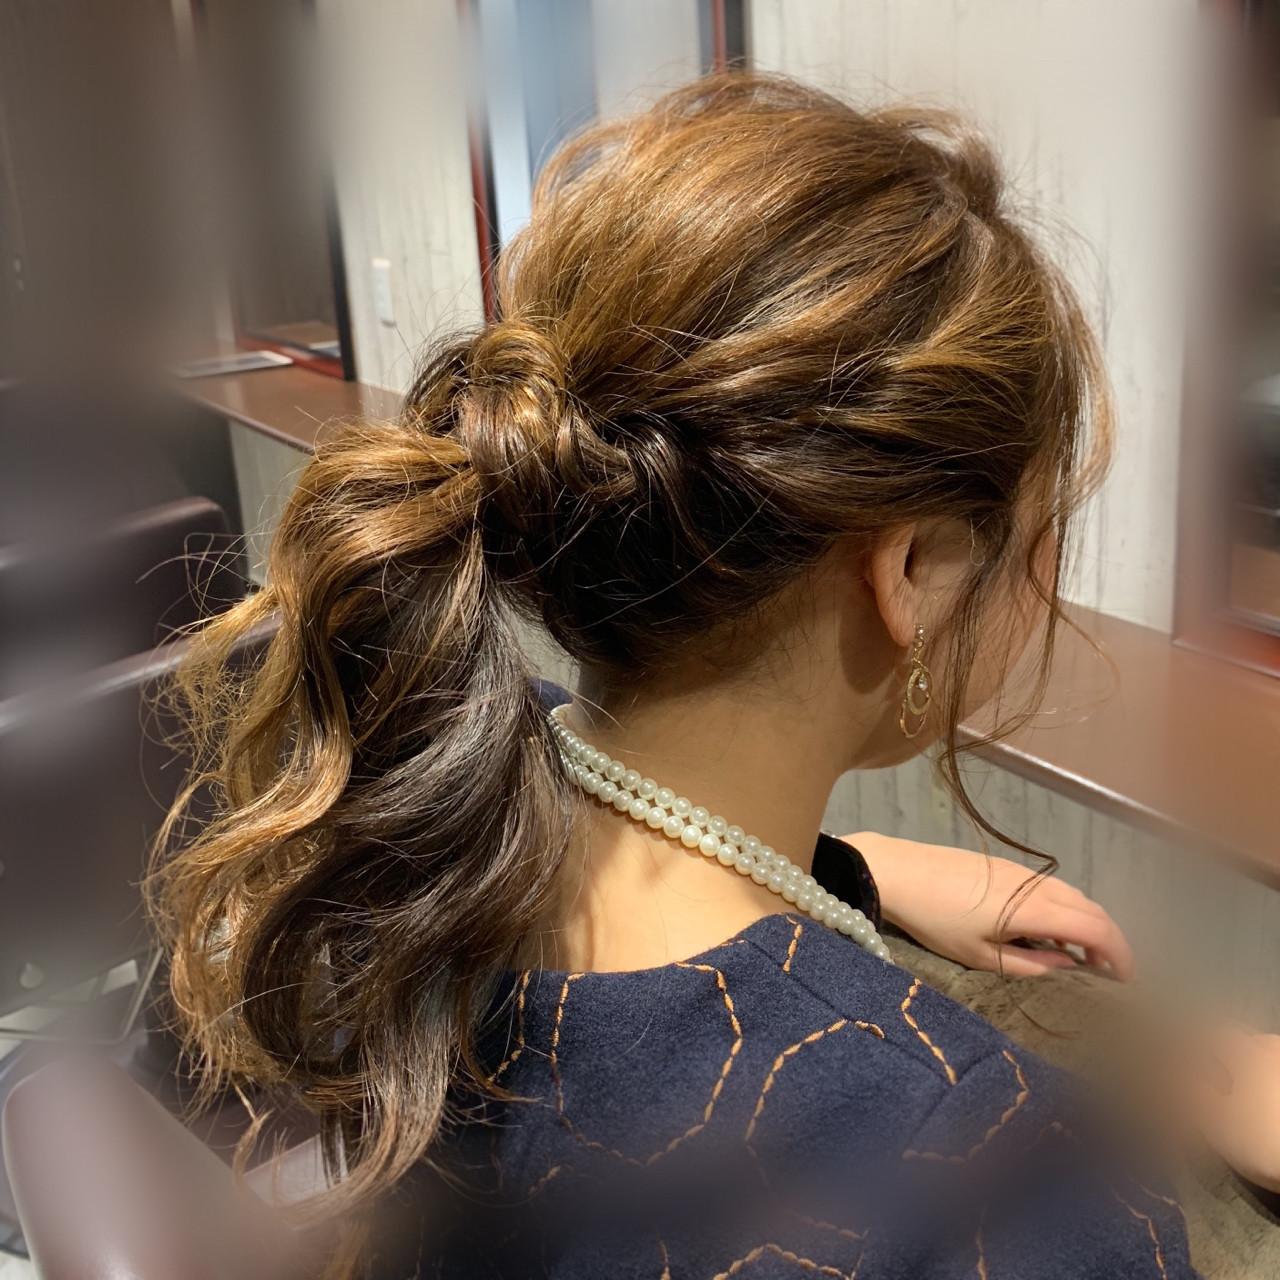 フェミニン ロング ポニーテール 結婚式 ヘアスタイルや髪型の写真・画像